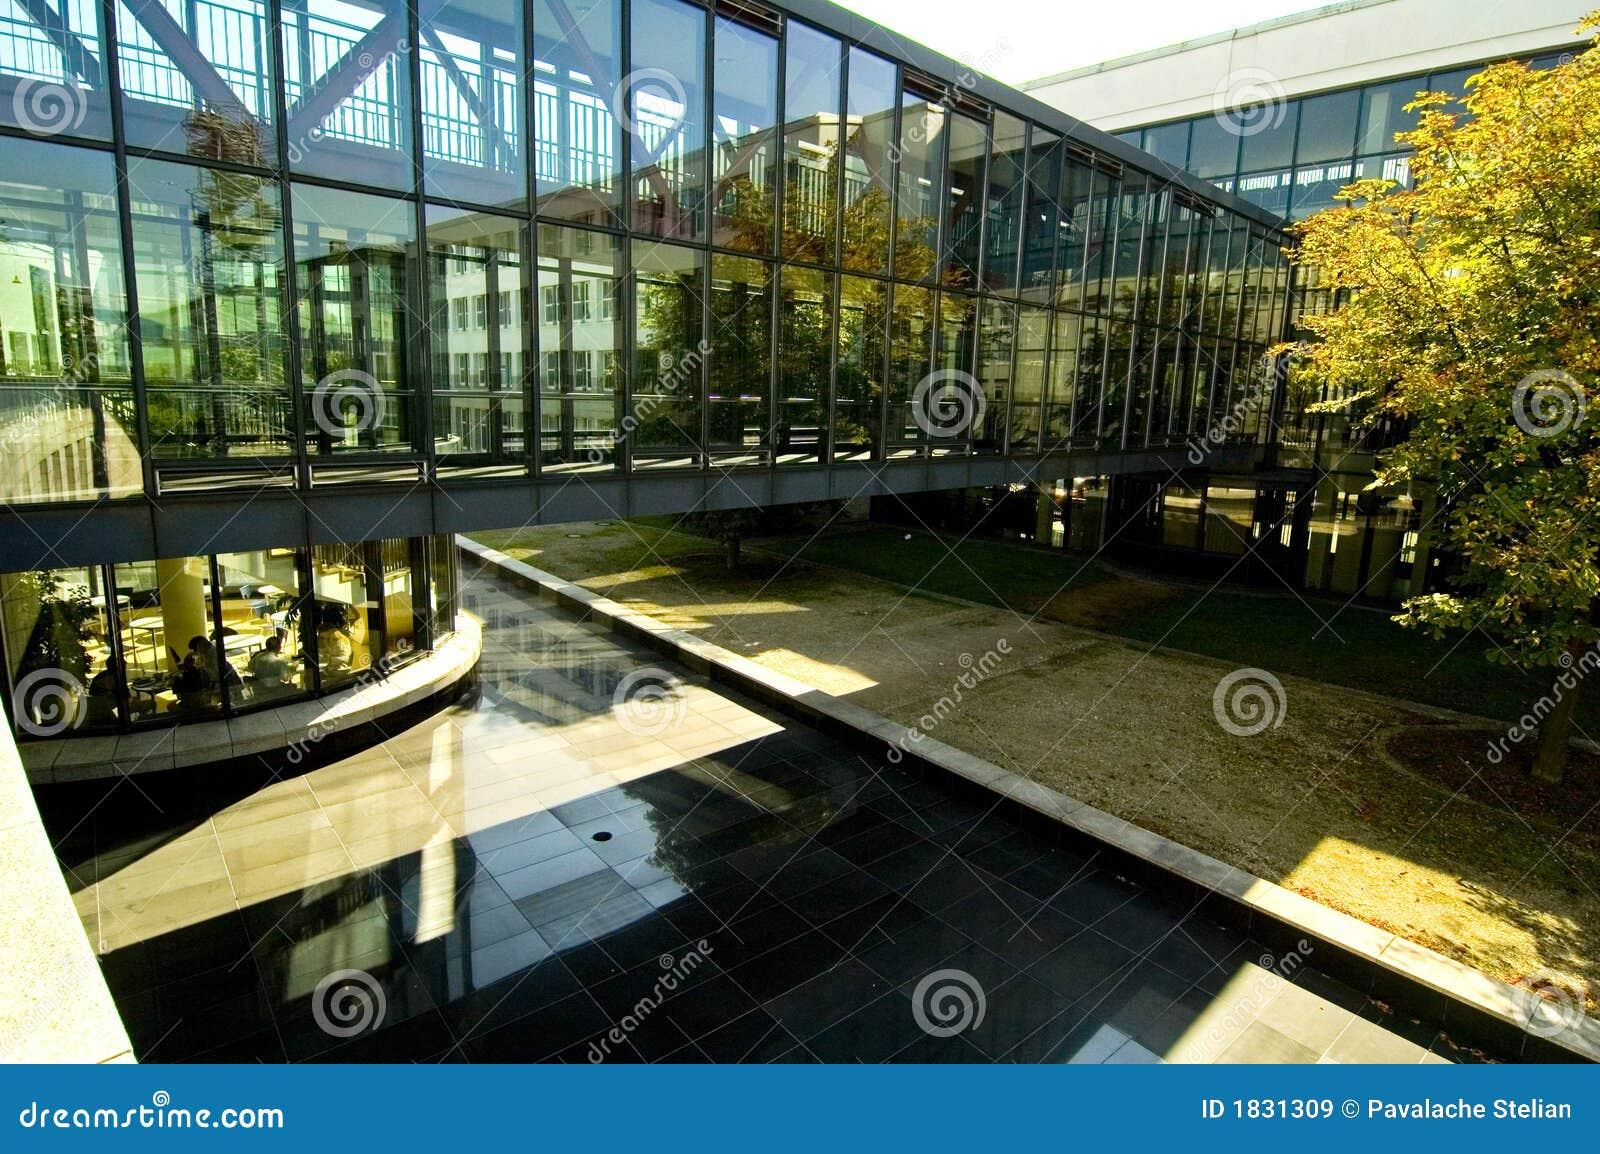 Goethe Uni Career Center